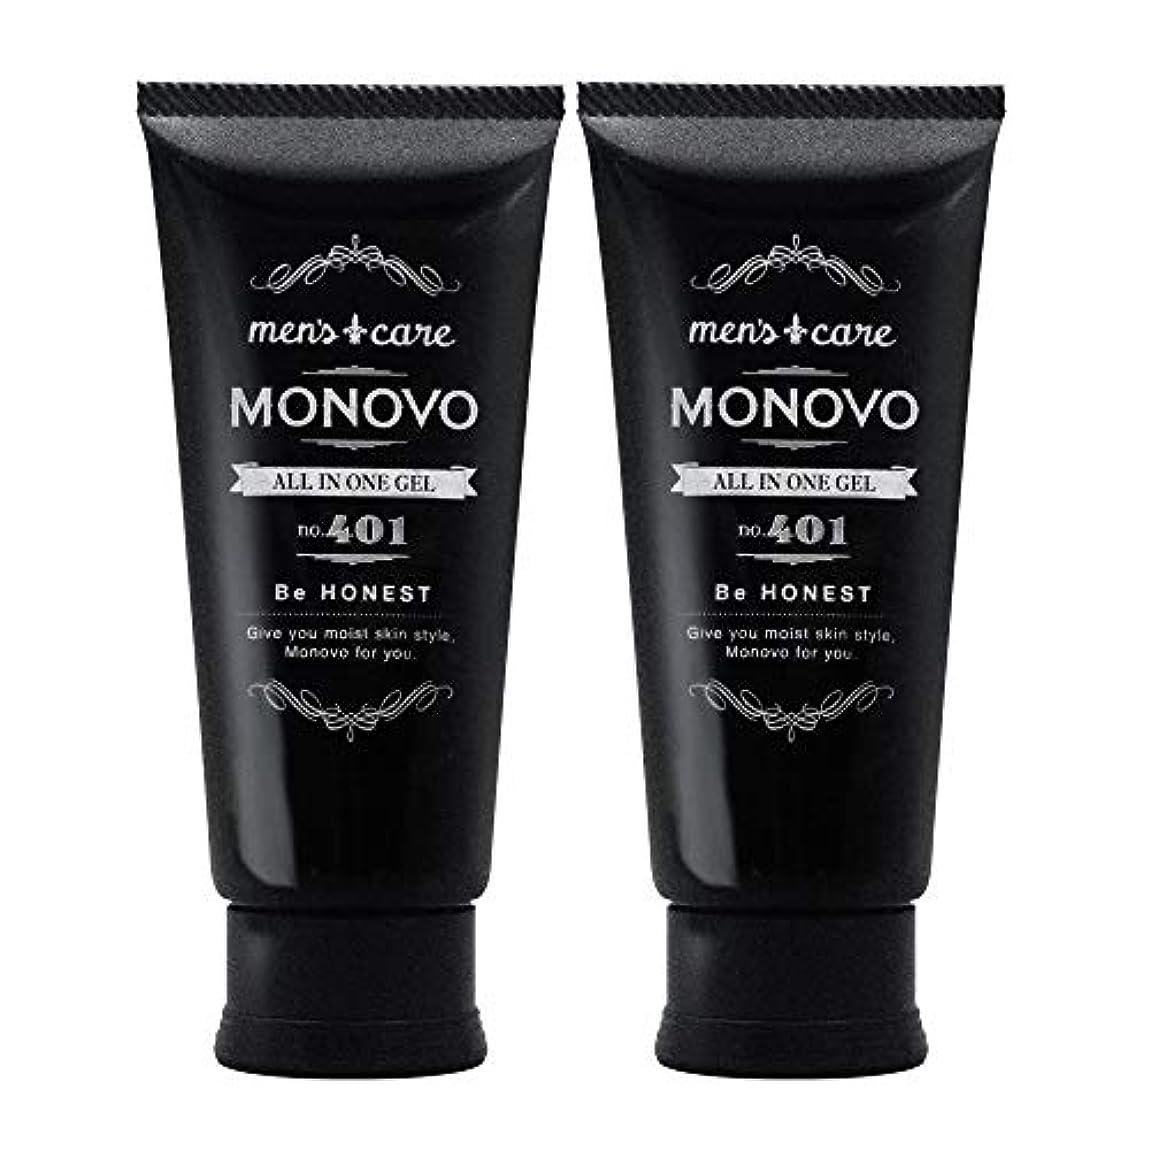 現実には未就学銀メンズ オールインワンジェル 男性用 スキンケア [化粧水、乳液、美容液、クリーム] MONOVO 2本/200g